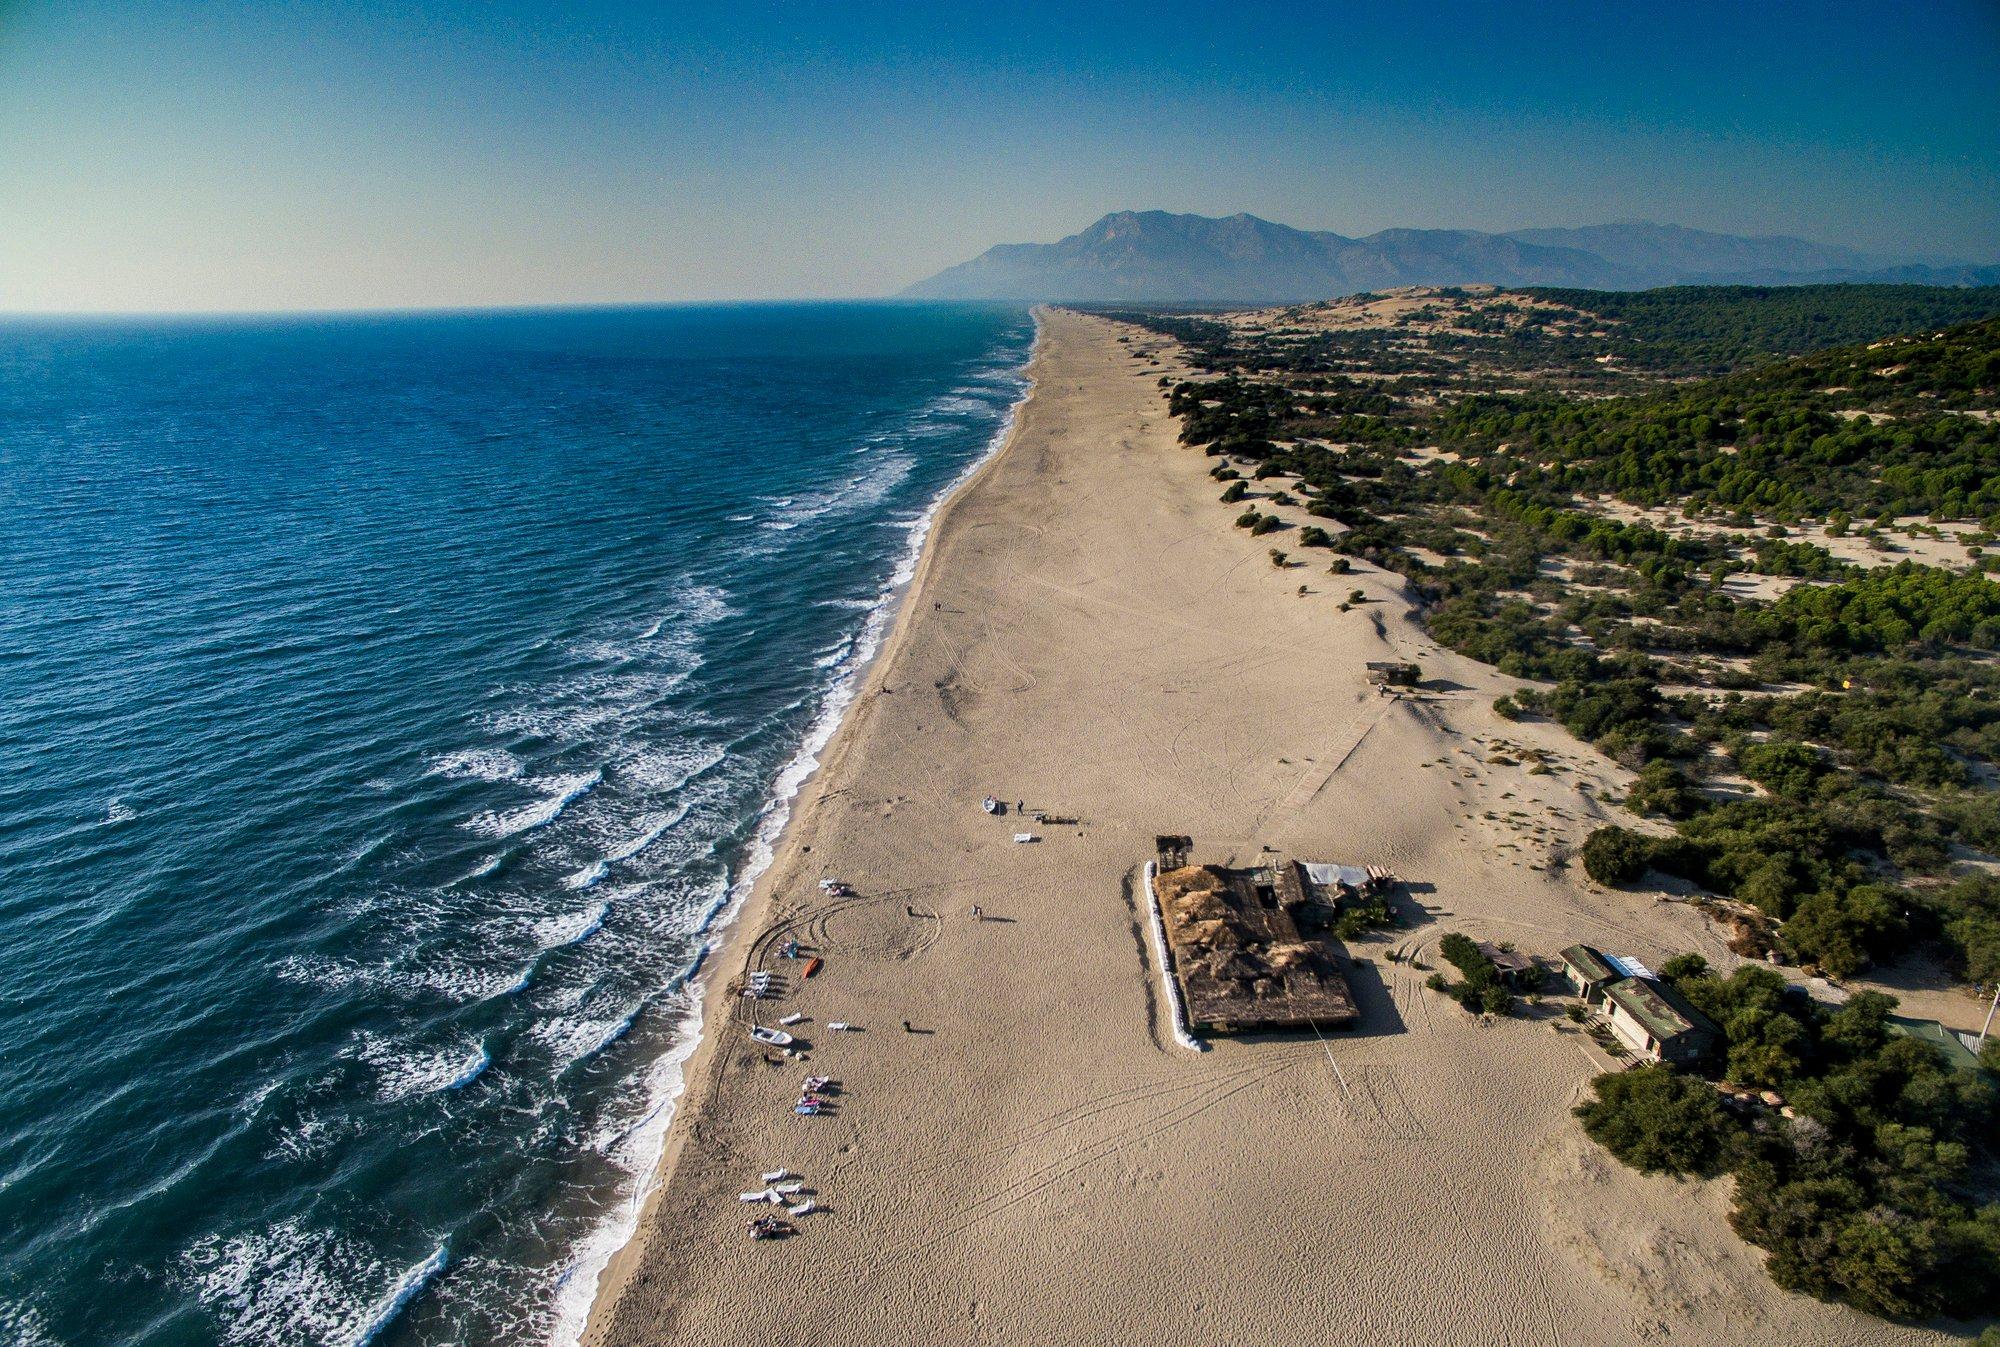 La plage de Patara est l'une des plages les plus longues et les plus populaires de la région.  (Photo iStock)